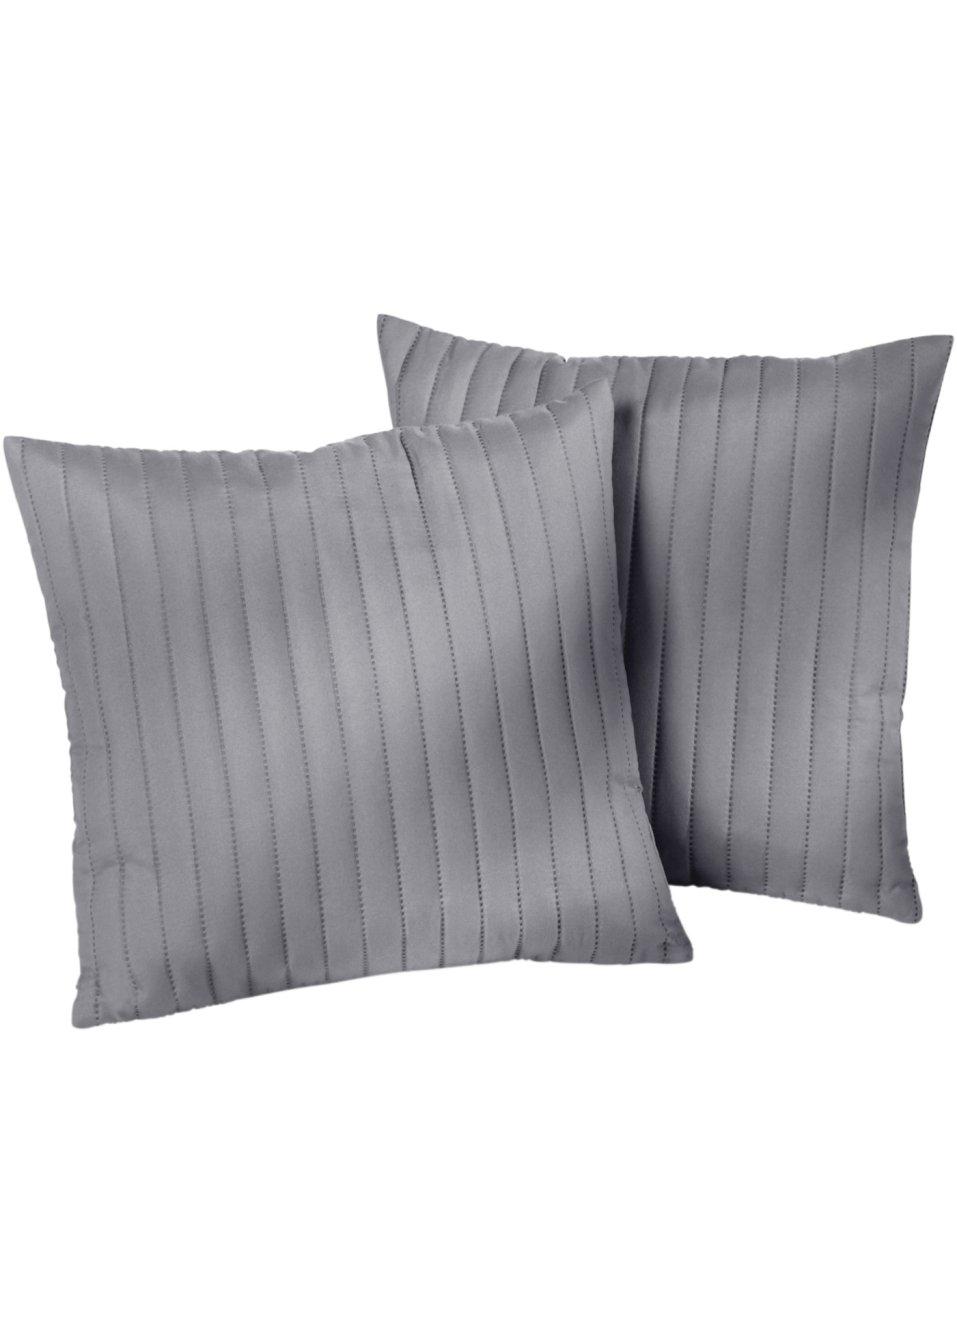 mehr wohnlichkeit mit dem sofa berwurf streifen grau. Black Bedroom Furniture Sets. Home Design Ideas